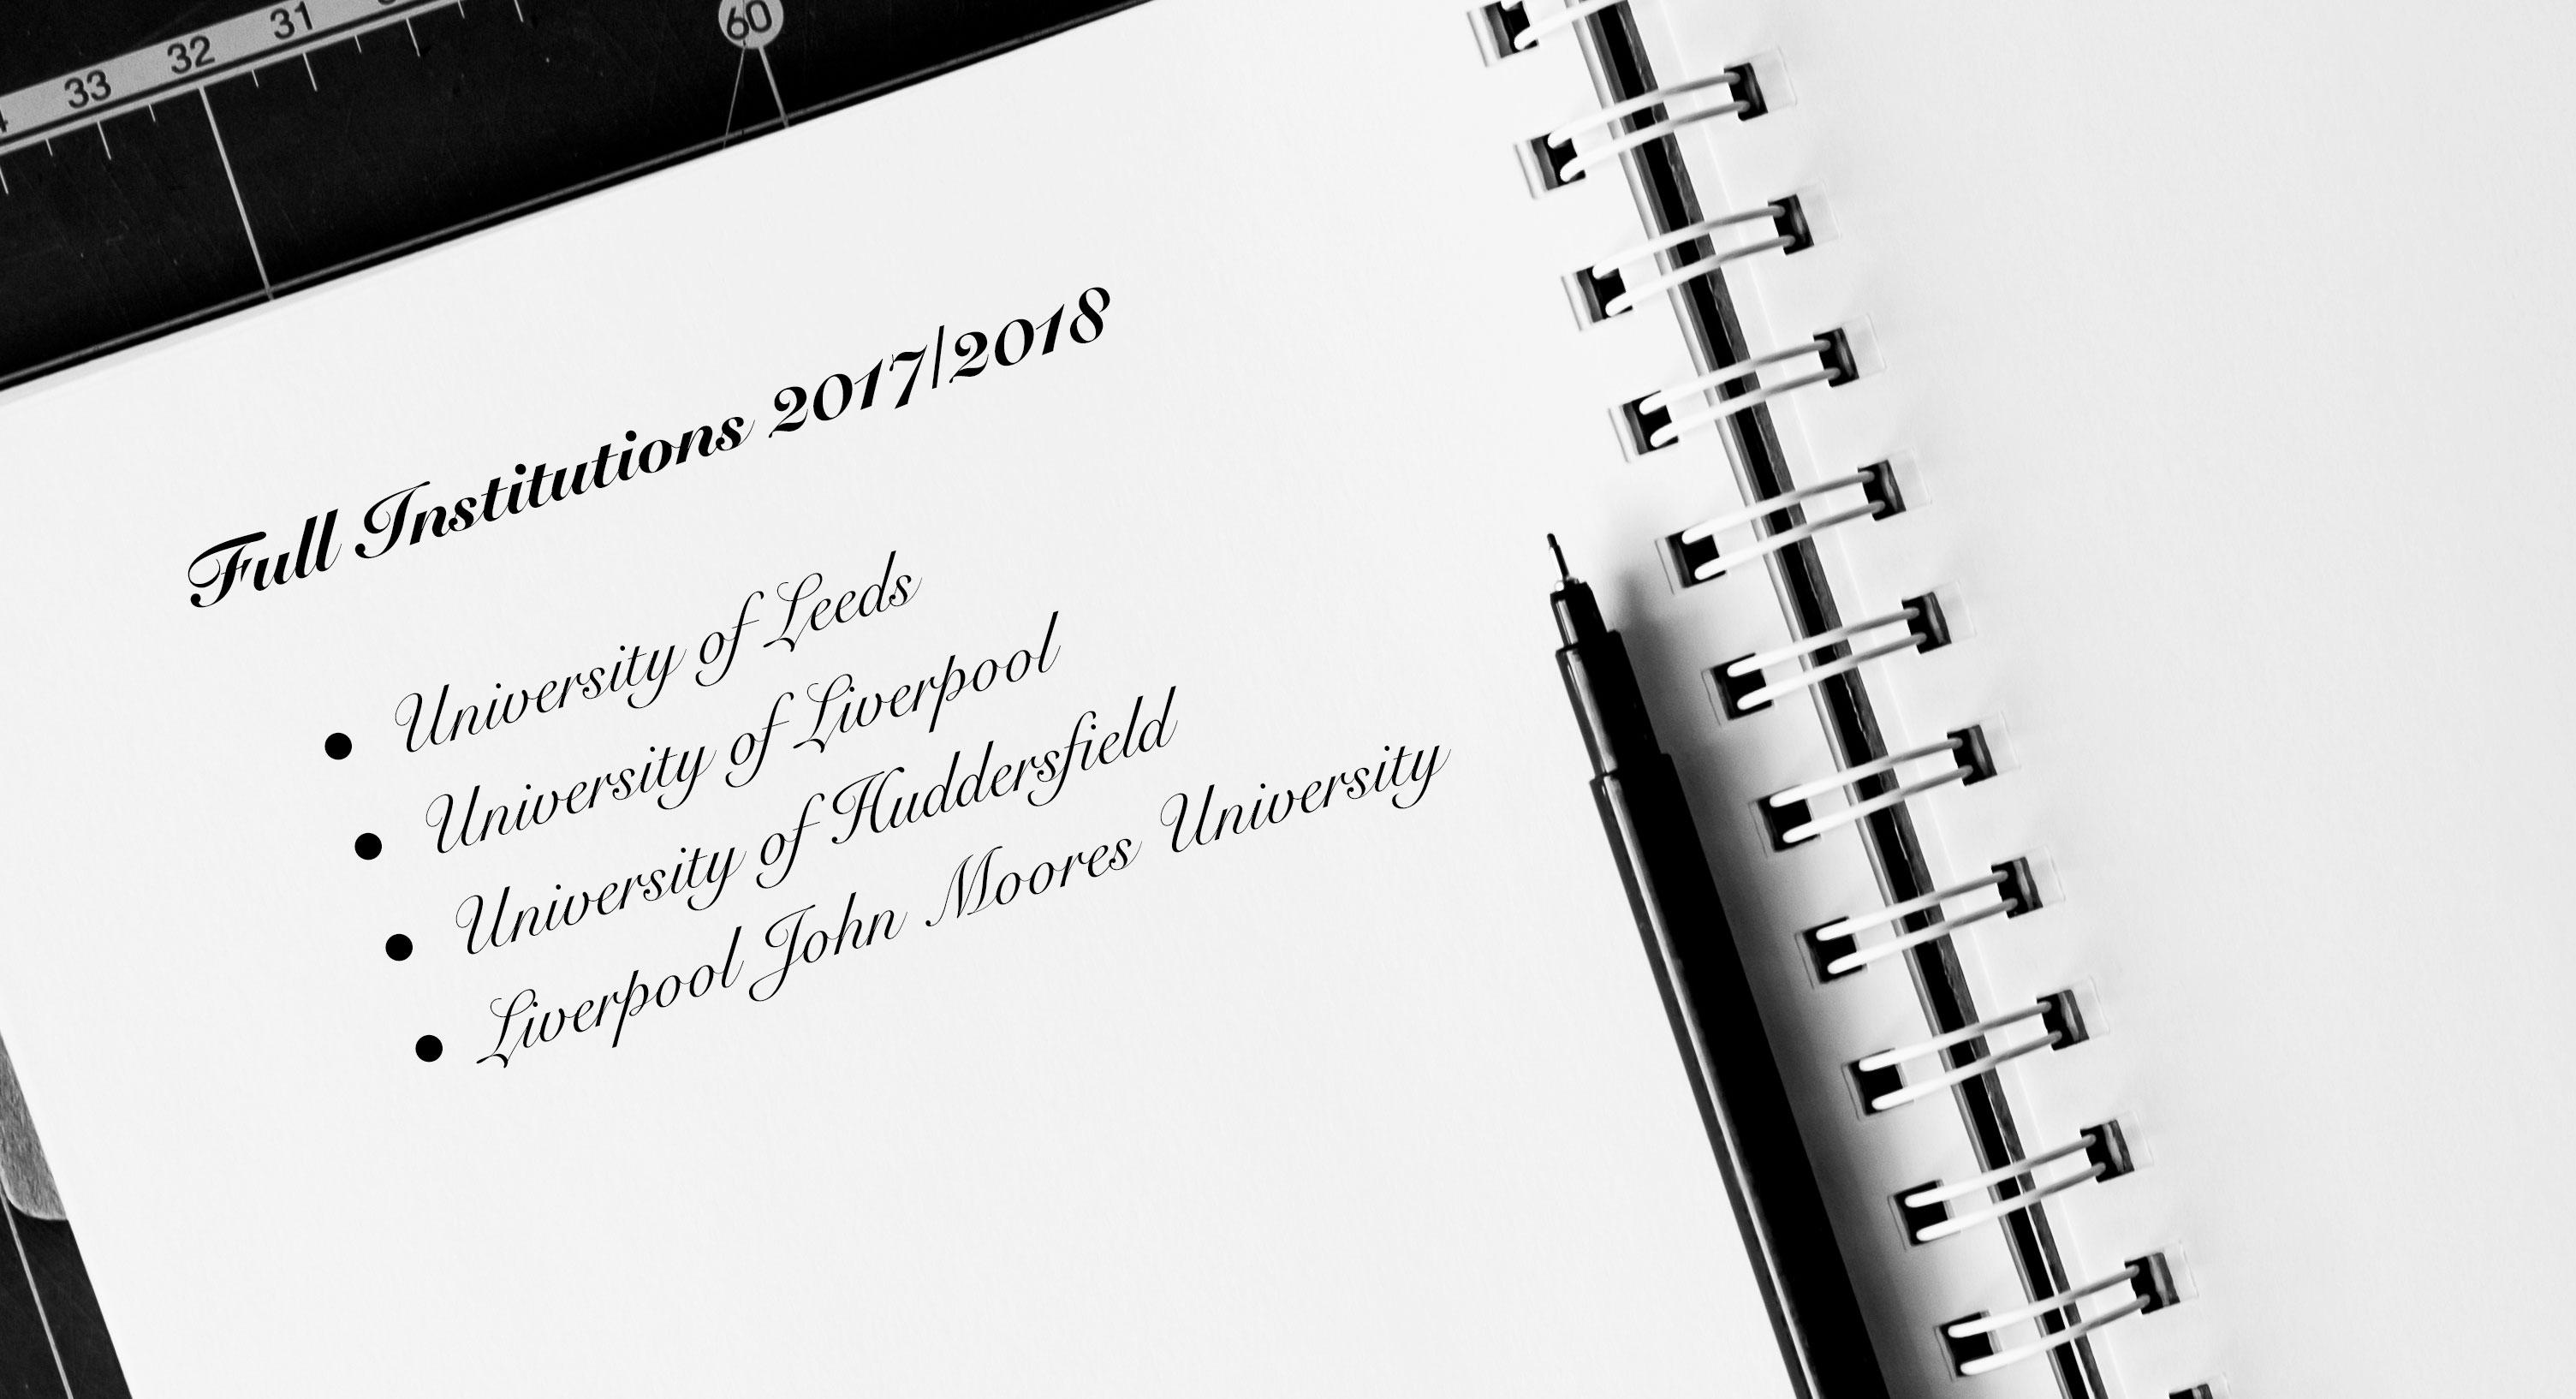 full-institutions